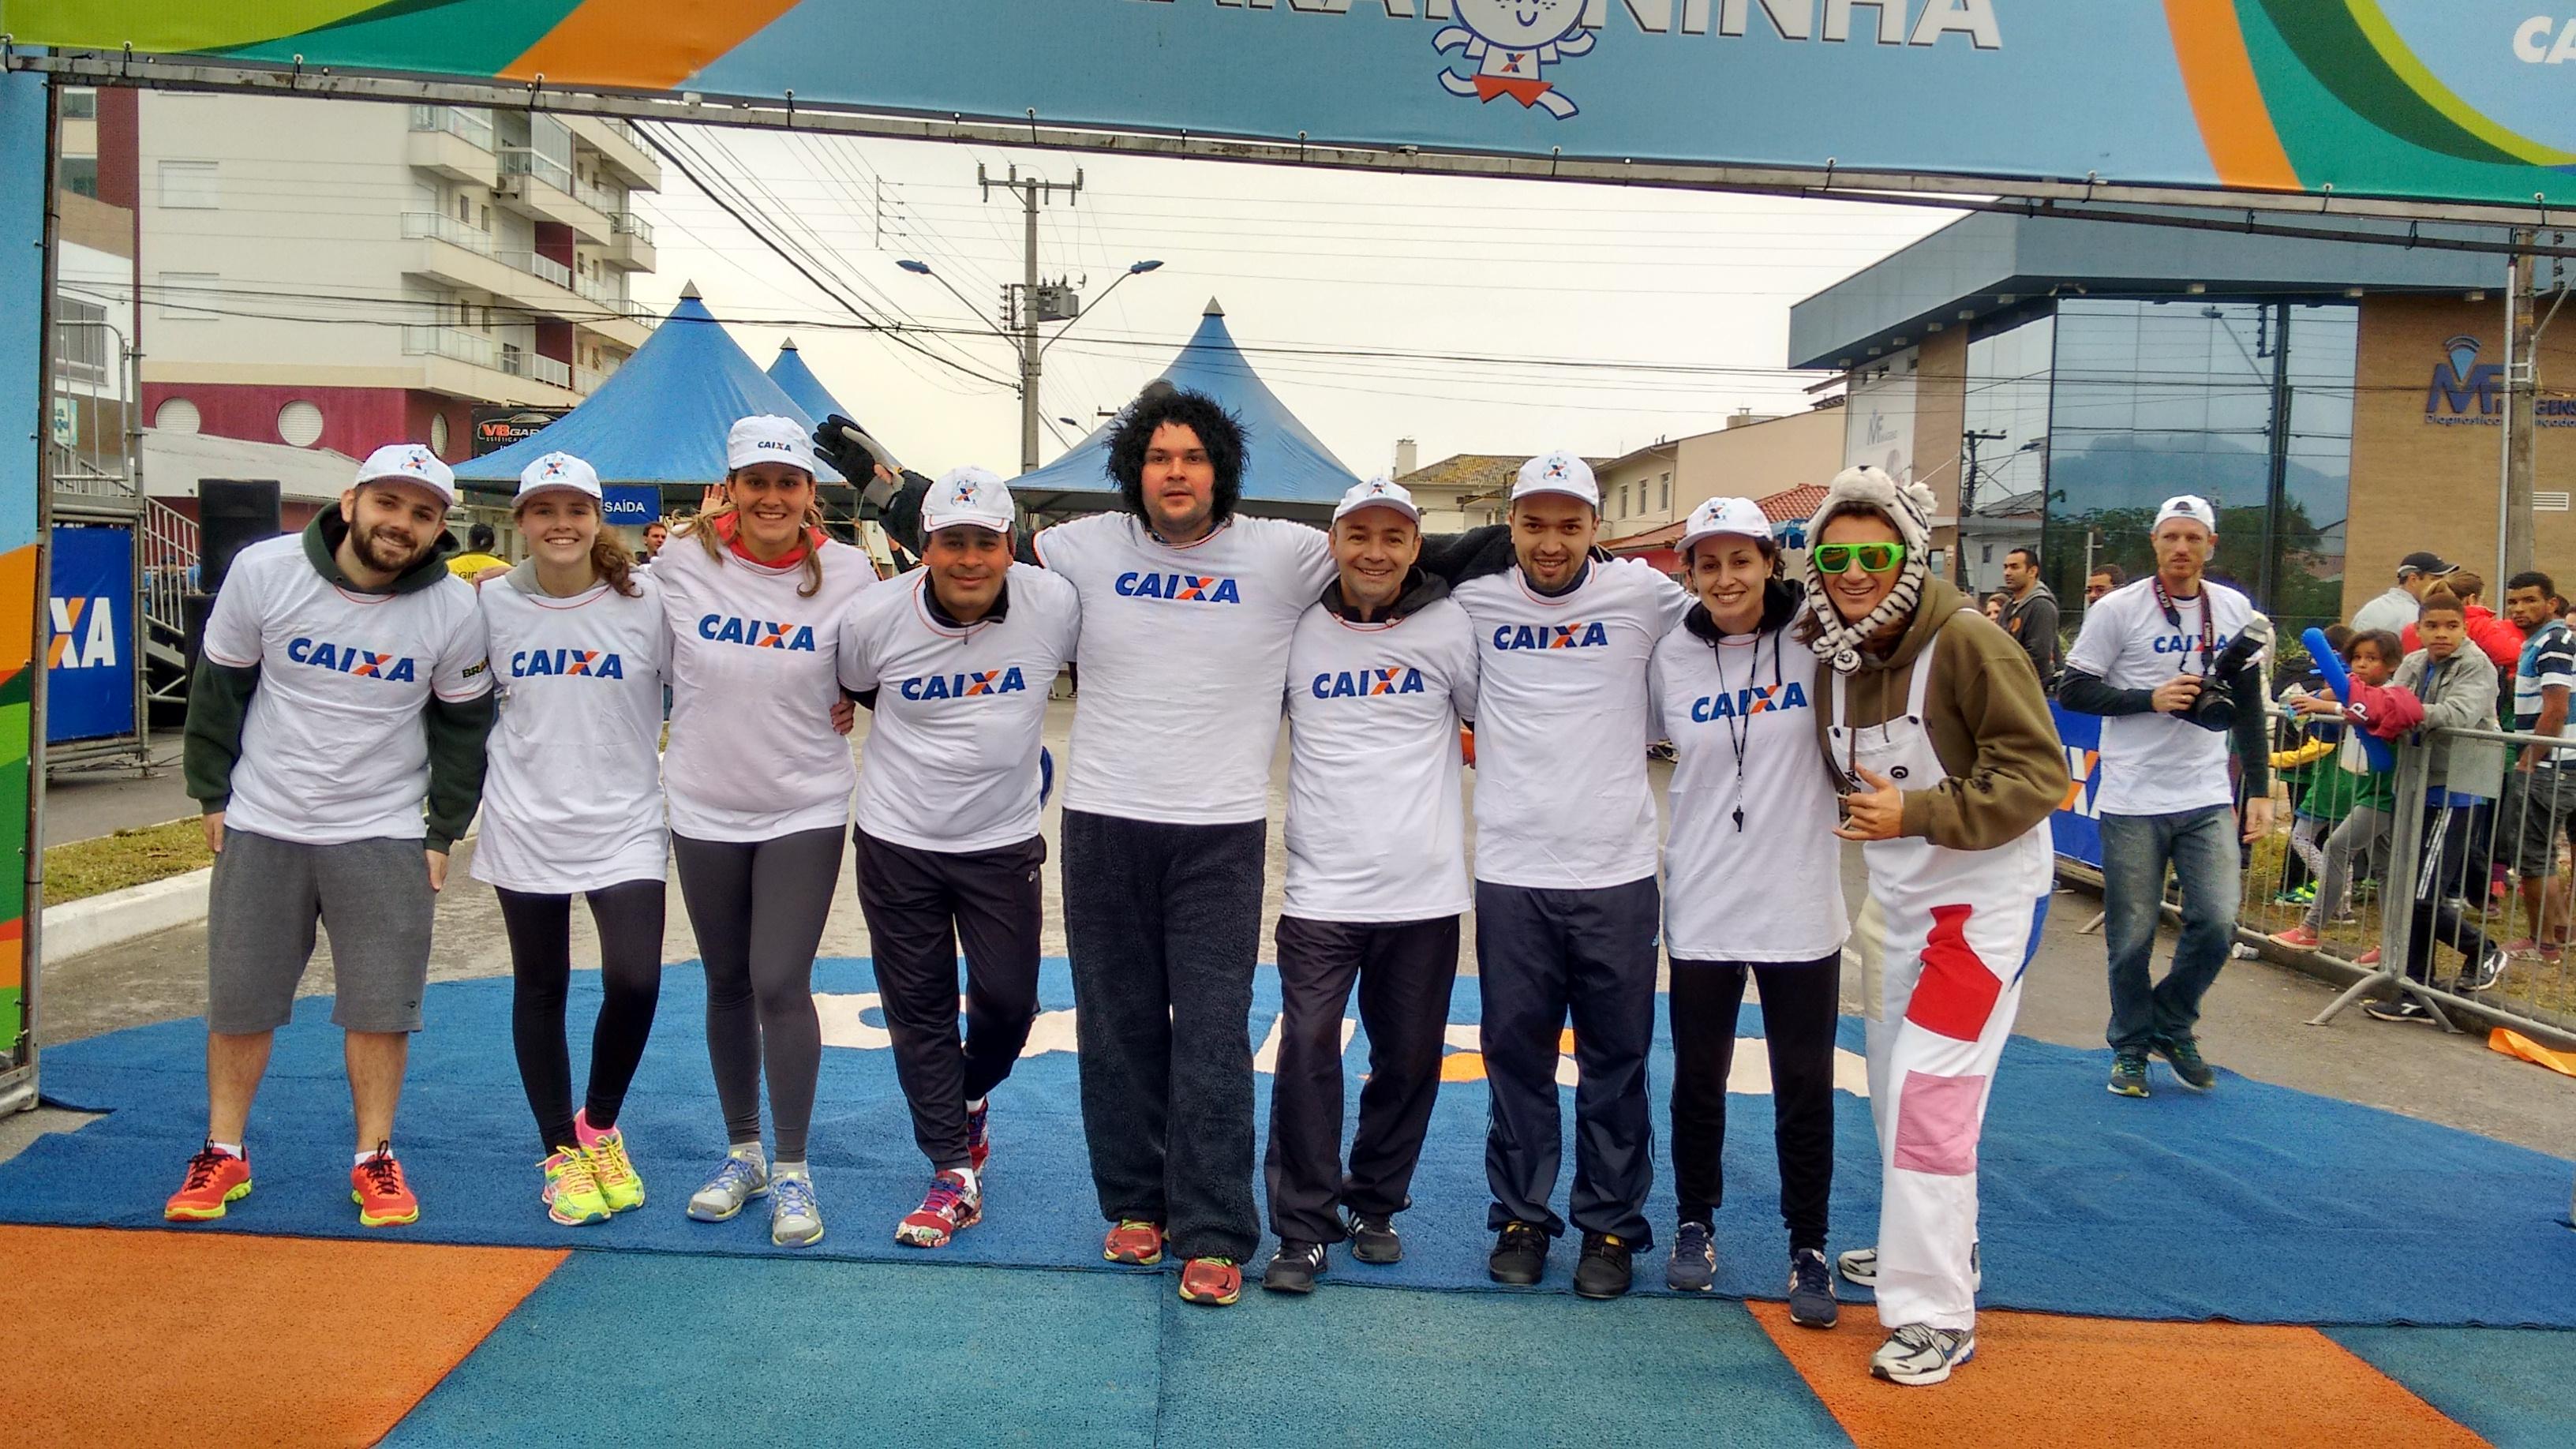 Maratoninha da Caixa com participação da FETRISC